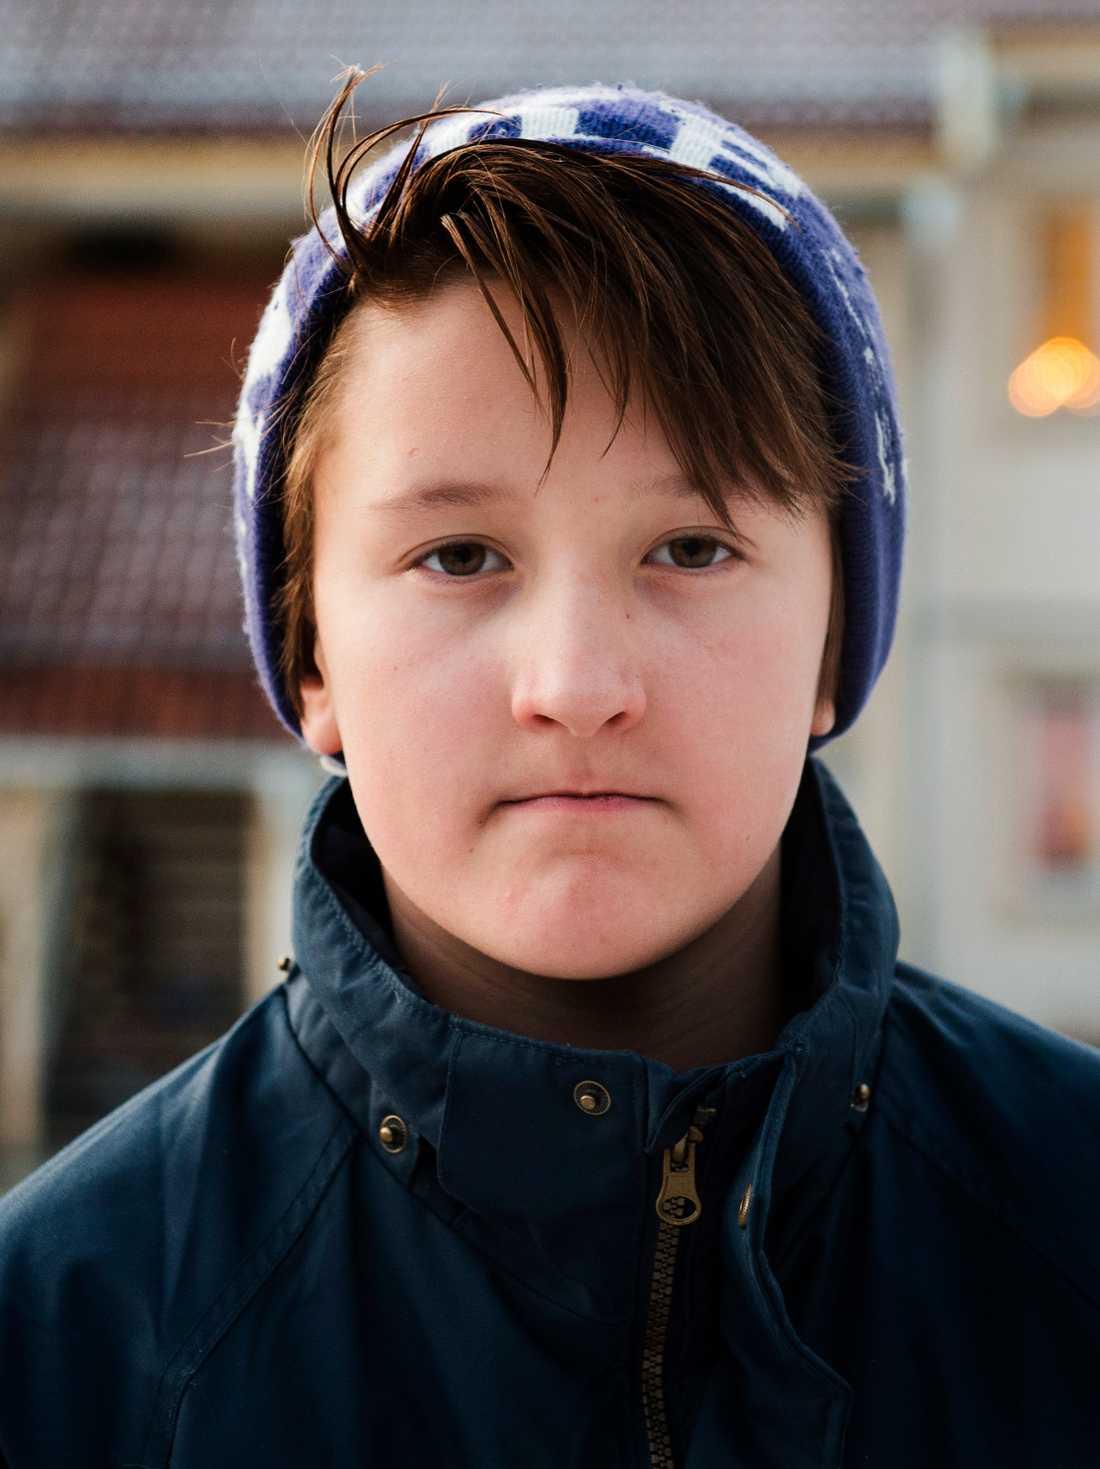 Elva-åriga Alexander riskerar att utvisas trots att han är född i Sverige.